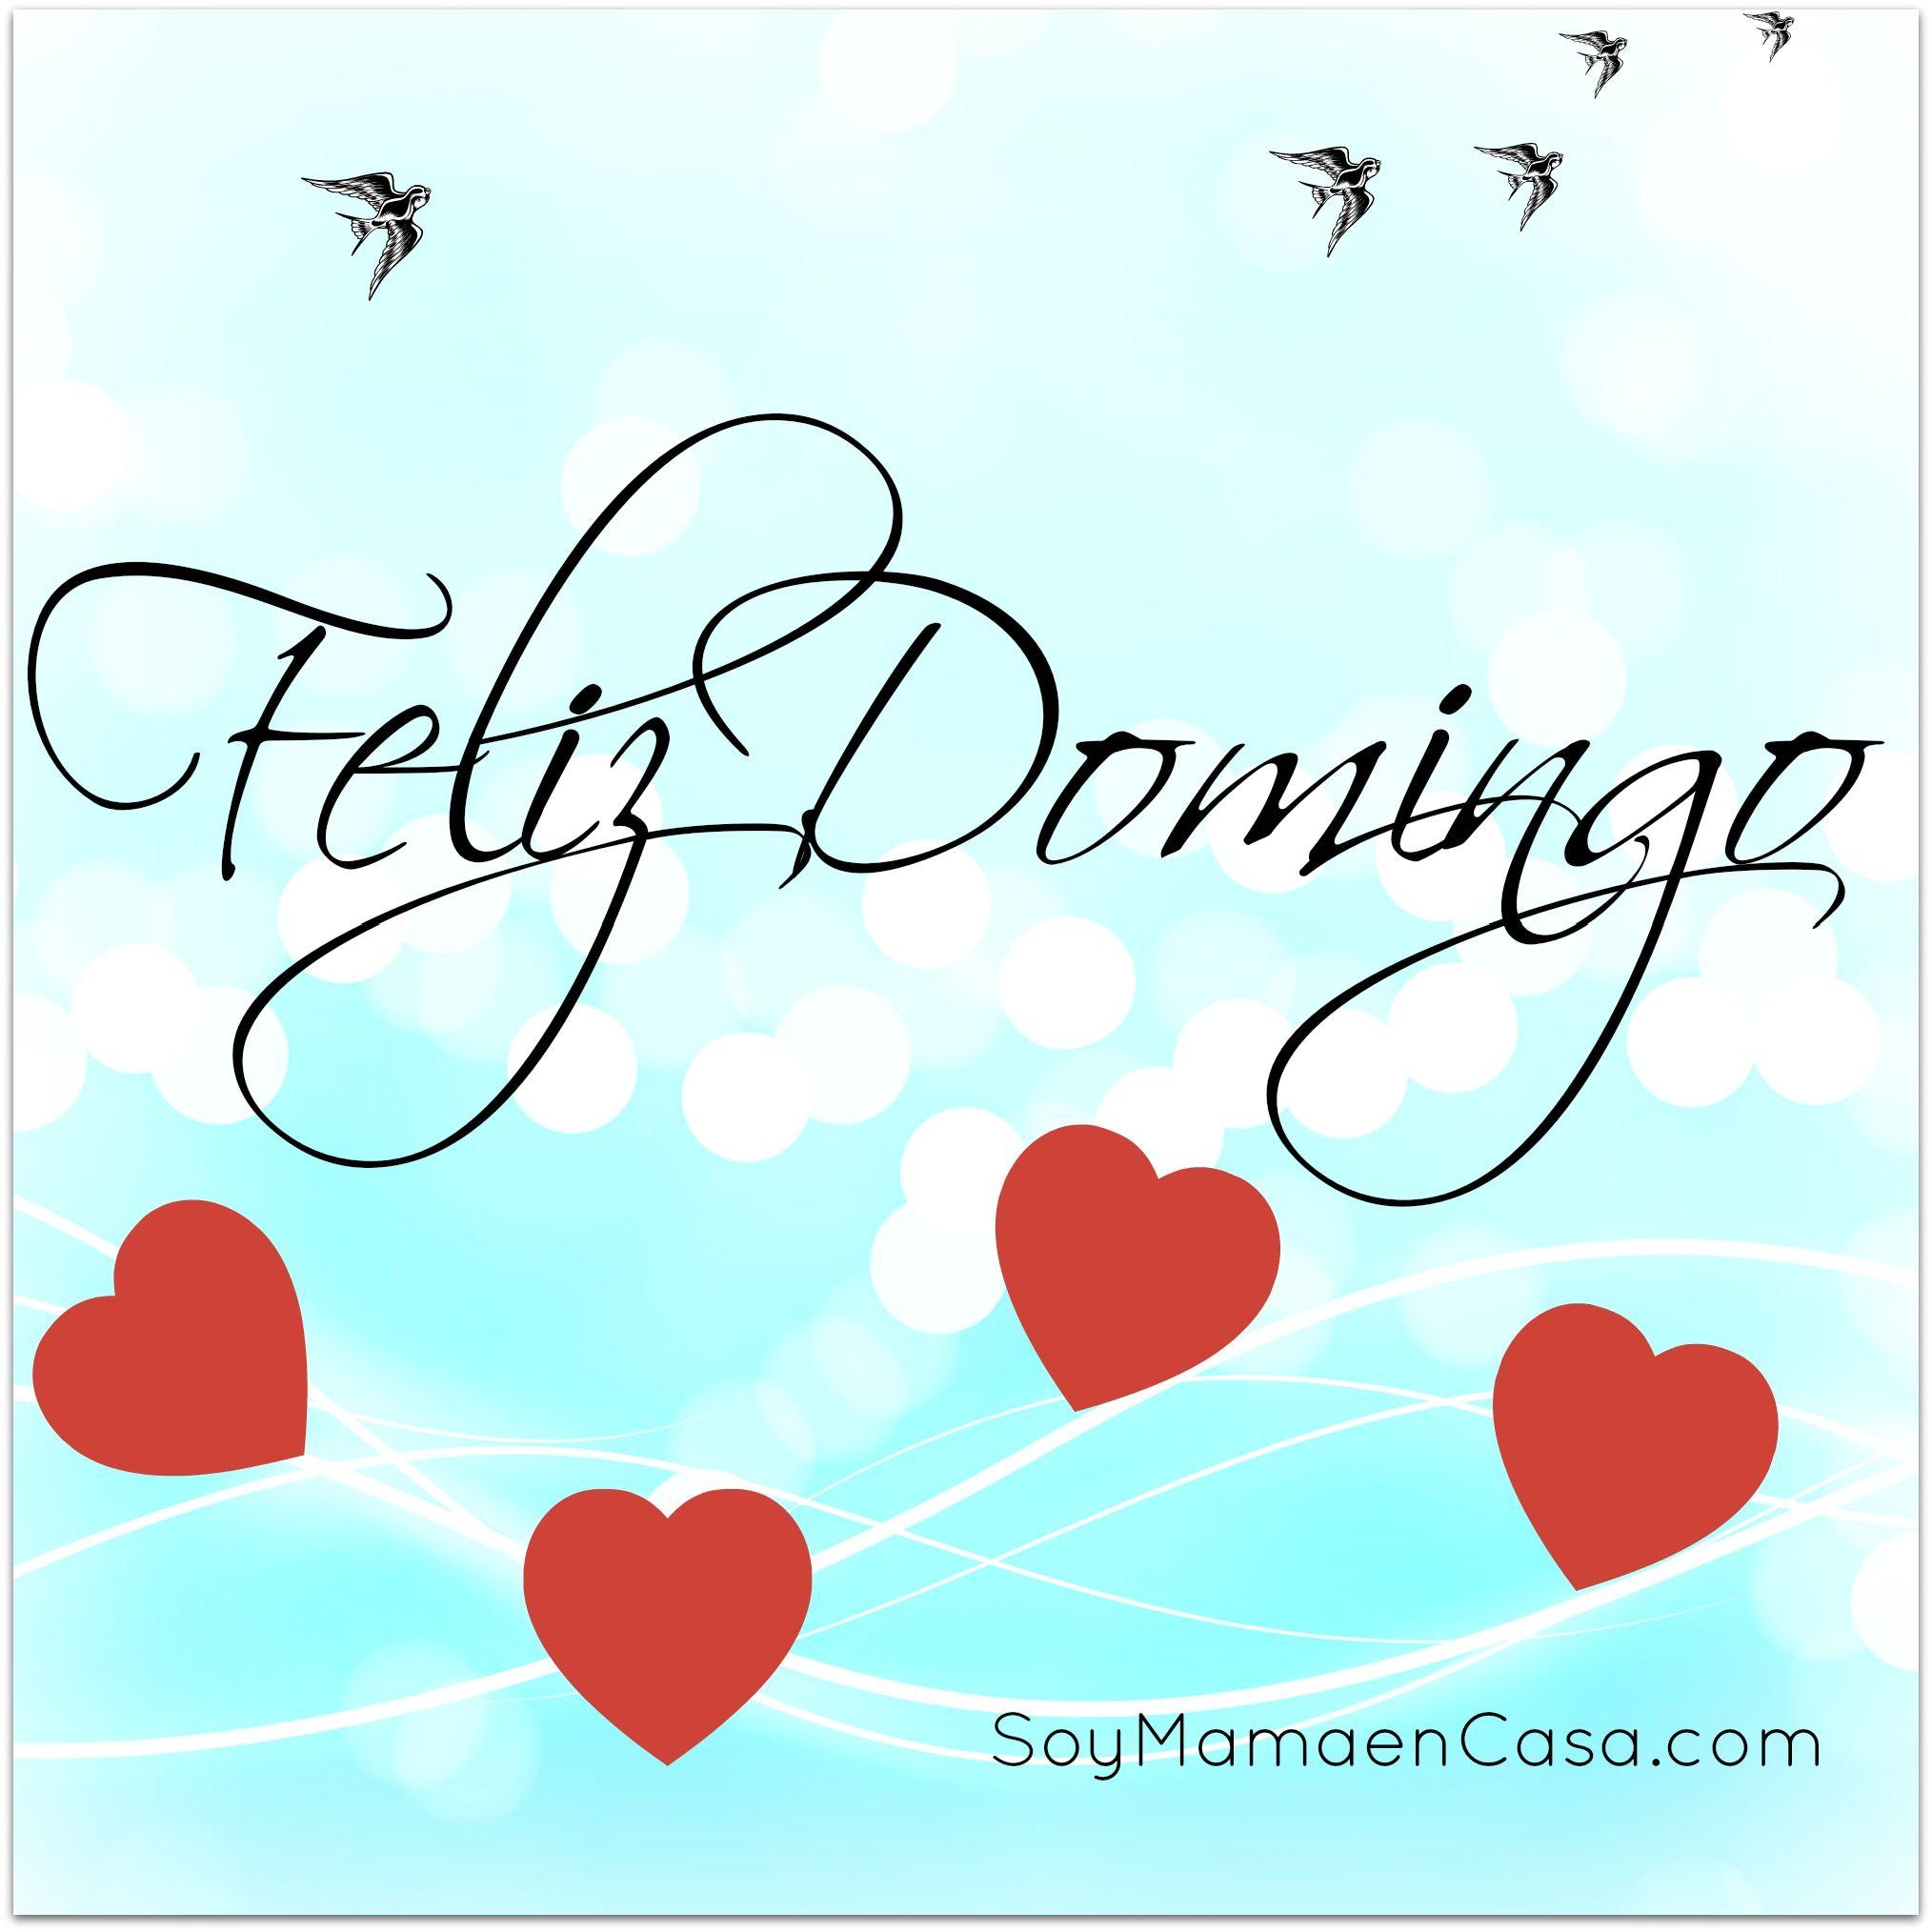 Feliz Domingo Saludos Www Soymamaencasa Com Saludos Pinterest